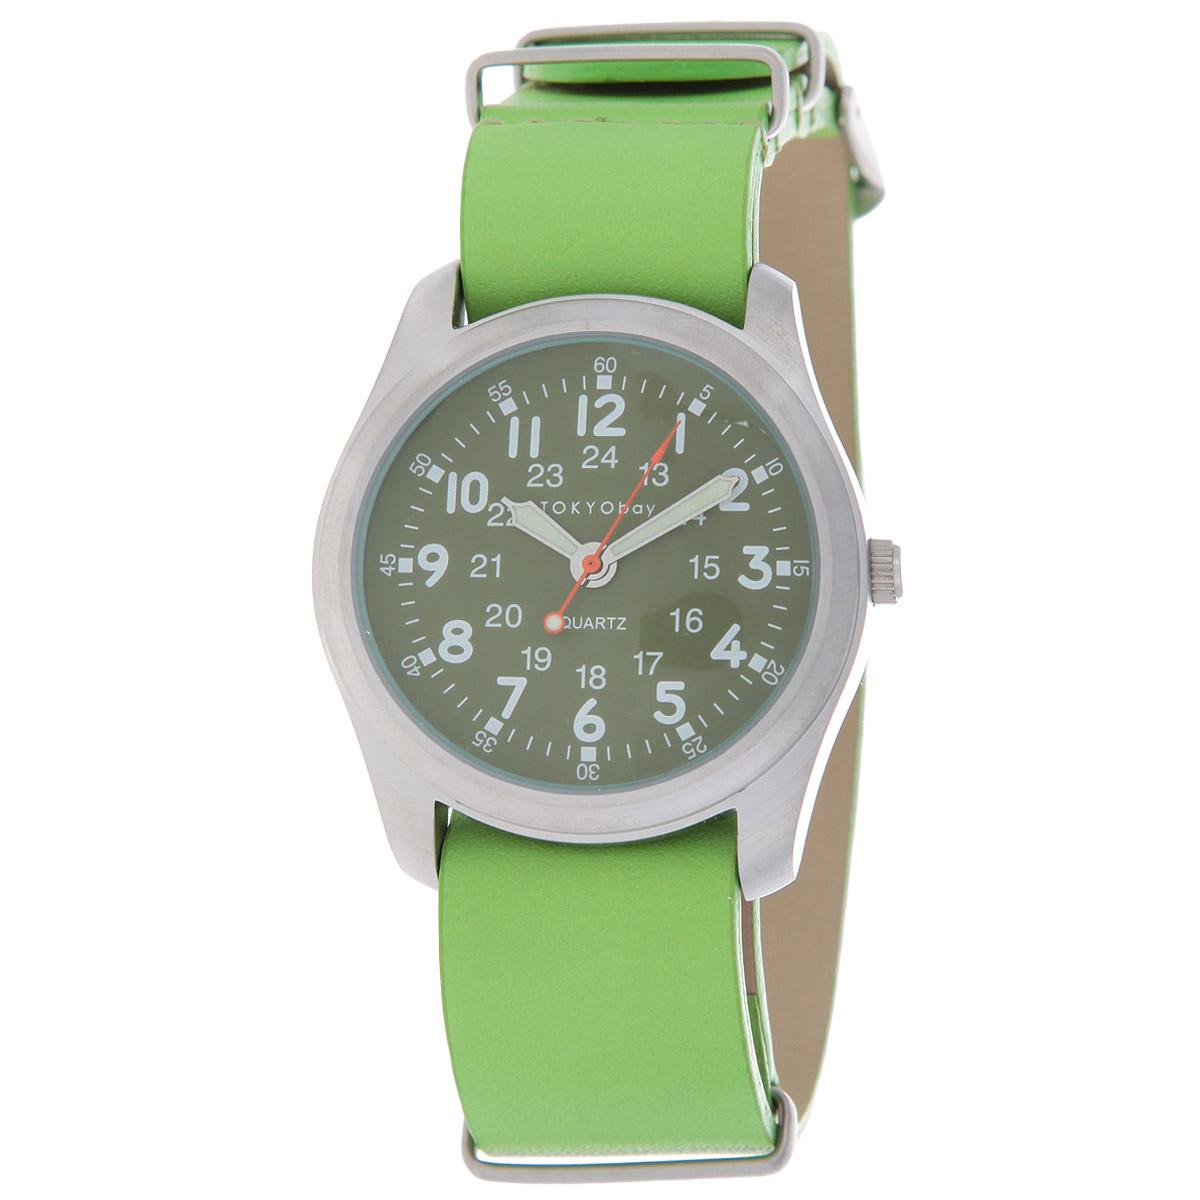 Часы женские наручные Tokyobay Military, цвет: неоновый зеленый. T842-GRT842-GRНаручные часы Tokyobay - это стильное дополнение к вашему неповторимому образу. Эти часы созданы для современных женщин, ценящих стиль, качество и практичность. Часы оснащены японским кварцевым механизмом Miyota. Задняя крышка изготовлена из нержавеющей стали. Корпус изготовлен из металлического сплава, не содержащего никель. Циферблат оформлен тремя рядами цифр, имеются часовая, минутная и секундная стрелки. Яркий ремешок выполнен из кожи, застегивается на классическую застежку-пряжку. Часы Tokyobay - это практичный и модный аксессуар, который подчеркнет ваш безупречный вкус. Характеристики: Корпус: 3,8 х 3,8 х 0,9 см. Размер ремешка: 22 х 2 см. Не содержит никель. Не водостойкие.